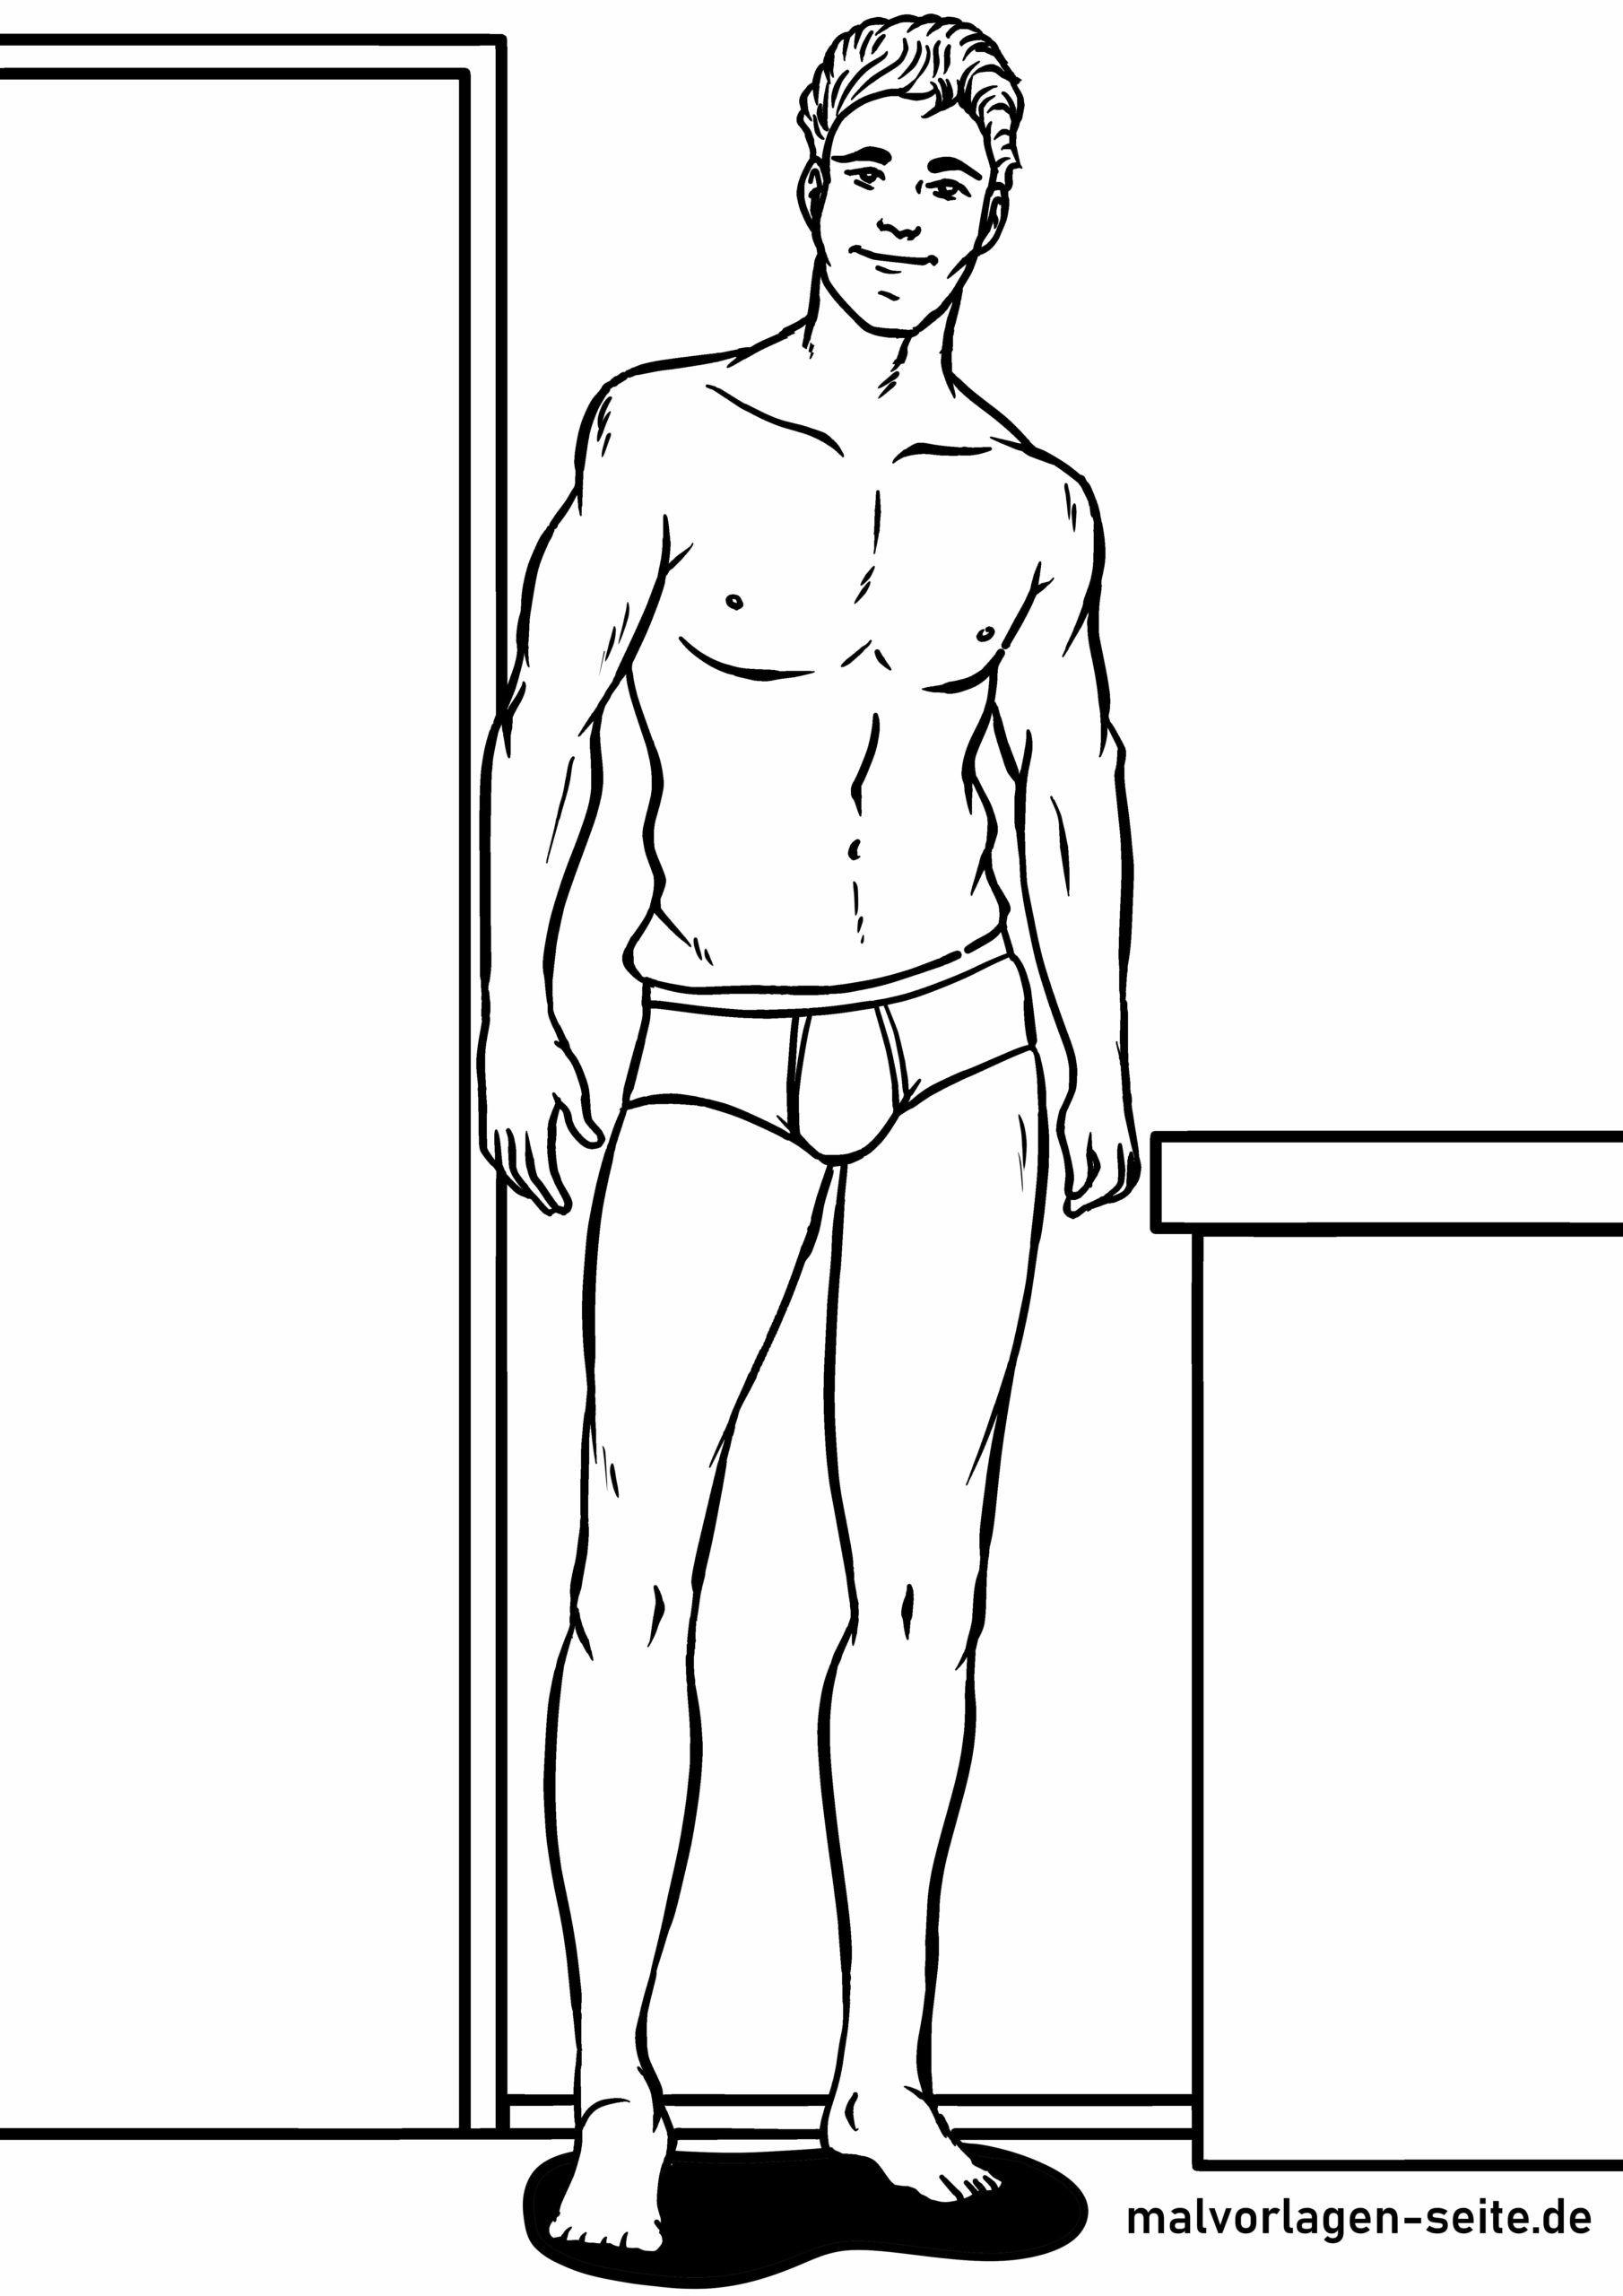 Bojanje stranice muški model